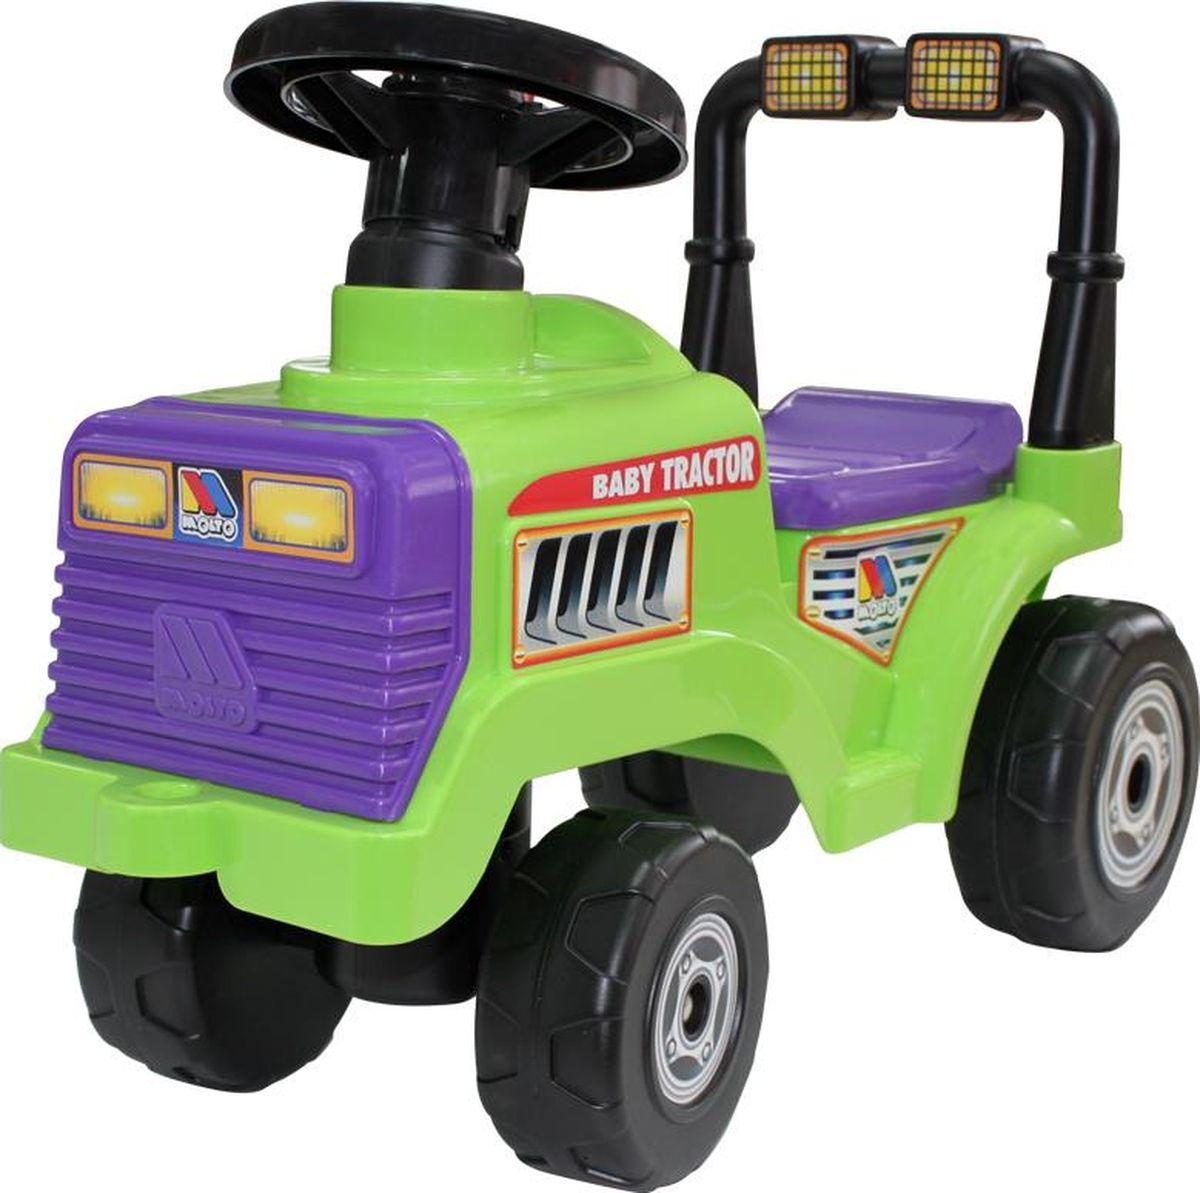 Полесье Каталка Трактор Митя №2, цвет в ассортименте9196Каталка-трактор Полесье Митя - замечательная игрушка из прочной качественной пластмассы ярких приятных цветов. Каталка-трактор отлично подойдёт для игры и катания как мальчикам, так и девочкам. Игрушка имитирует настоящий трактор с решёткой и фарами на прочном бампере, большими устойчивыми колёсами с протектором с большой проходимостью. У трактора удобное откидывающееся сидение, под ним ребёнок может хранить, к примеру, необходимые для ремонта трактора игрушечные инструменты. Передние колёса трактора поворачиваются с помощью руля. Малышей, которые пока не могут ездить на каталке-тракторе, отталкиваясь ногами, могут возить на нём родители, привязав к передней части трактора за специальное отверстие верёвку. Также ребёнок, который учится ходить, может передвигаться, держась за ручку на спинке сидения каталки-трактора. Уважаемые клиенты! Обращаем ваше внимание на цветовой ассортимент товара. Поставка осуществляется в зависимости от наличия на складе. Рекомендуем!